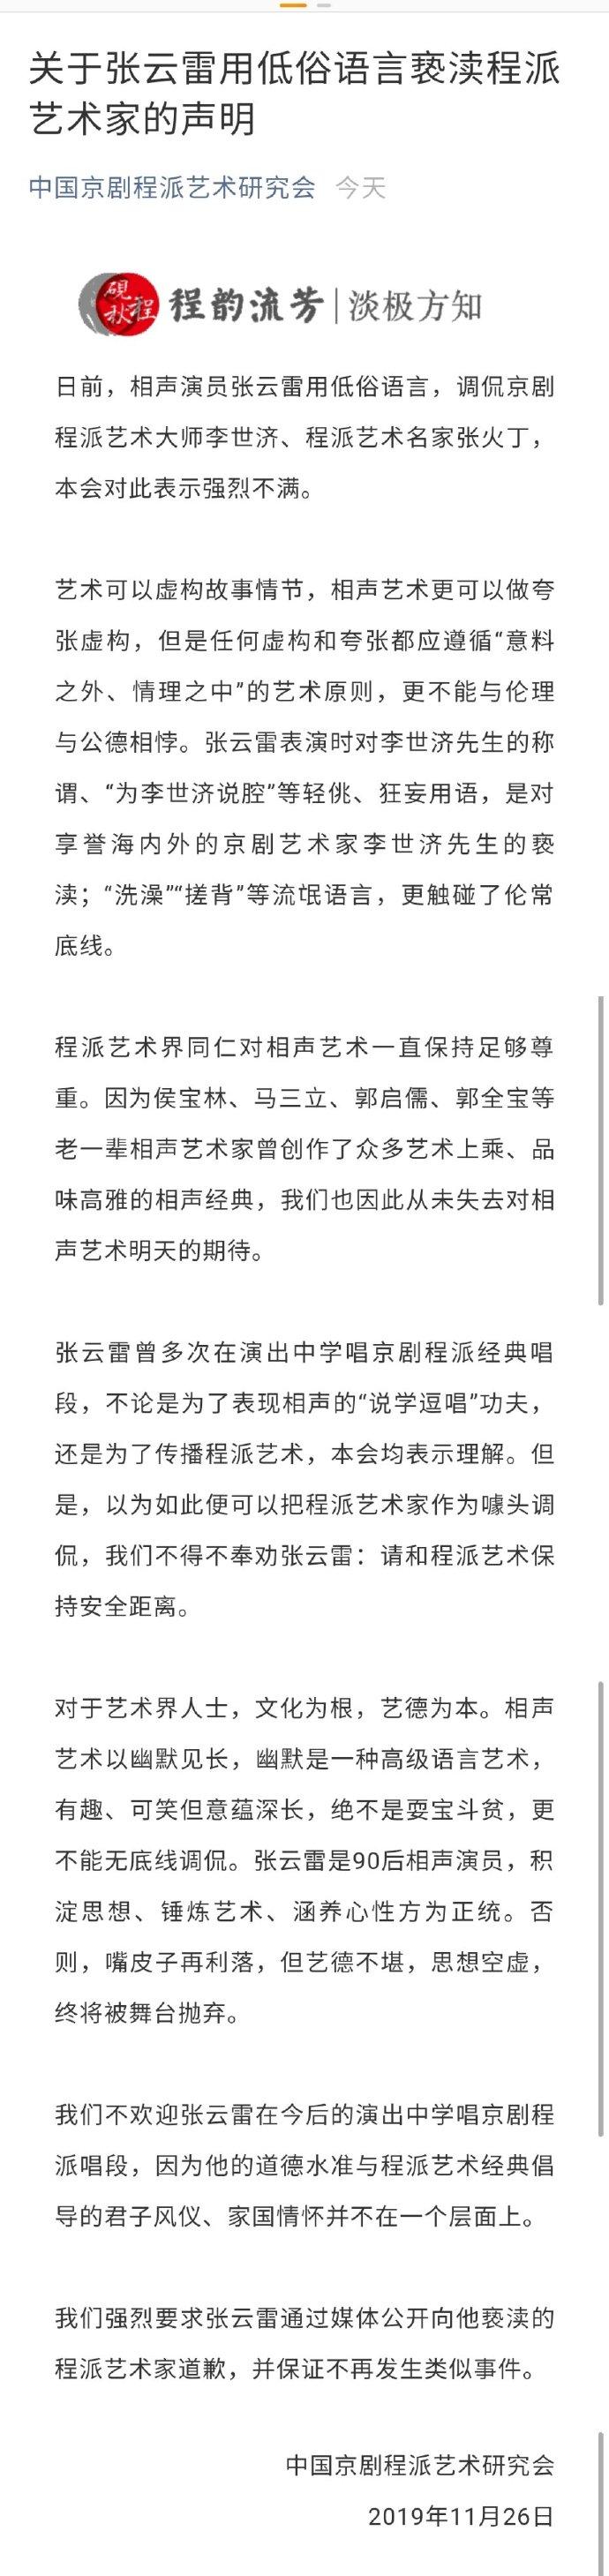 京剧研究会要张云雷道歉 望张云雷和程派艺术保持距离